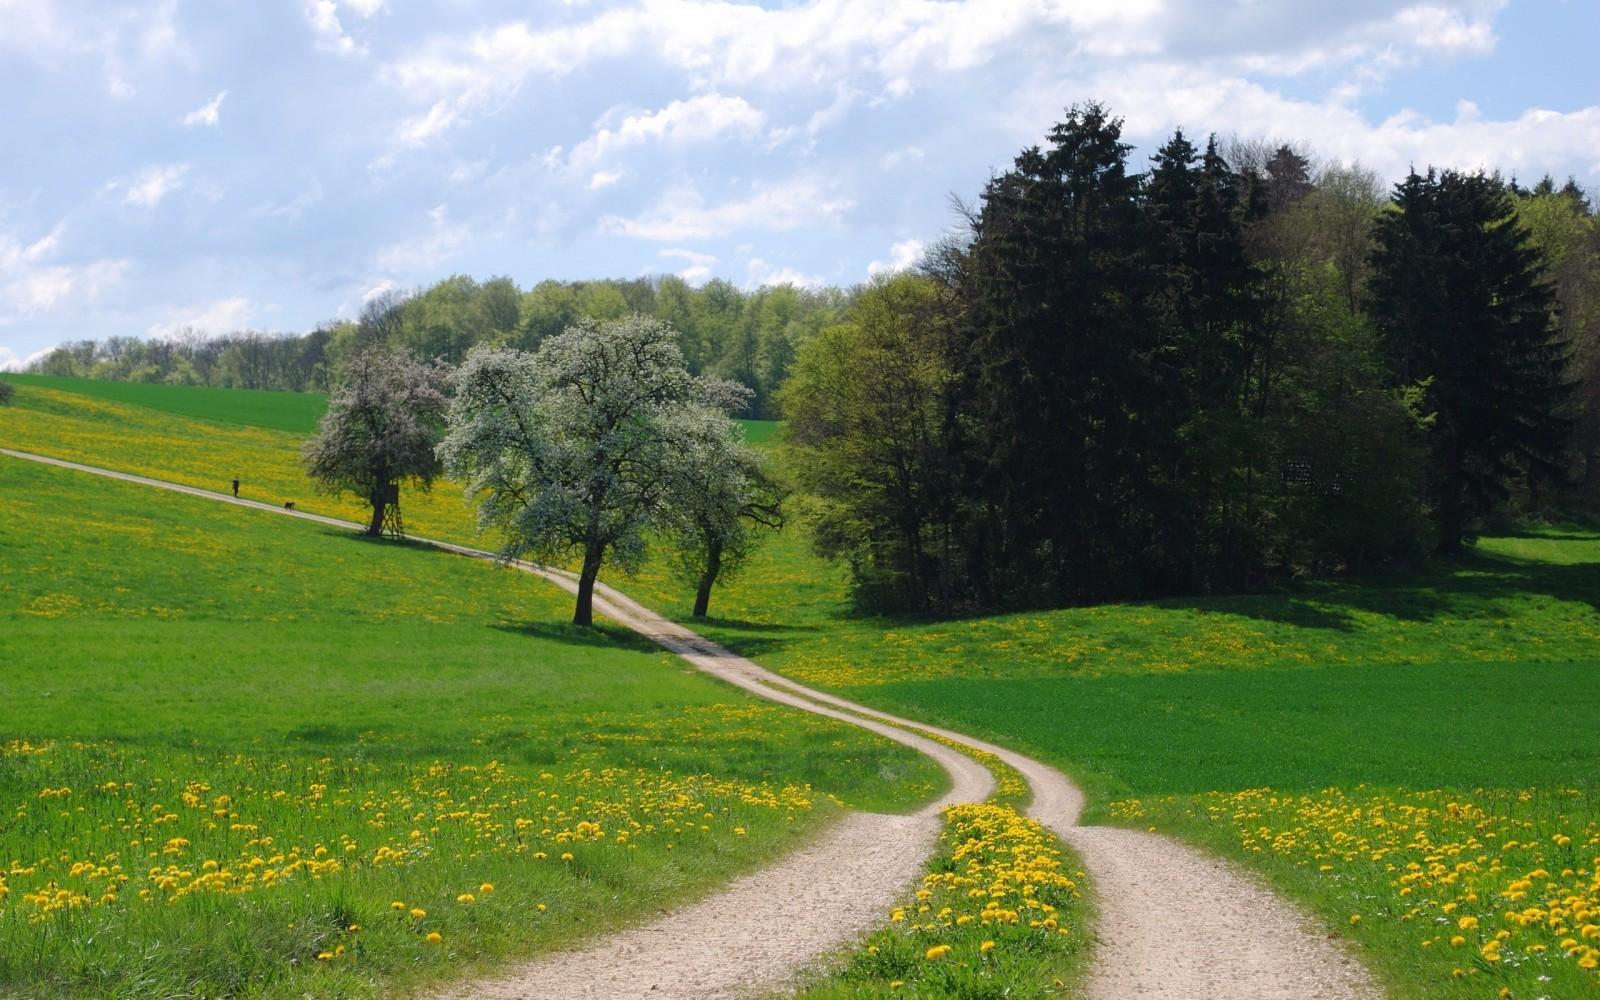 Нажмите на изображение для увеличения.  Название:дорога_поле_road_grass_summer_trees-607616.jpg Просмотров:16 Размер:447.7 Кб ID:214209